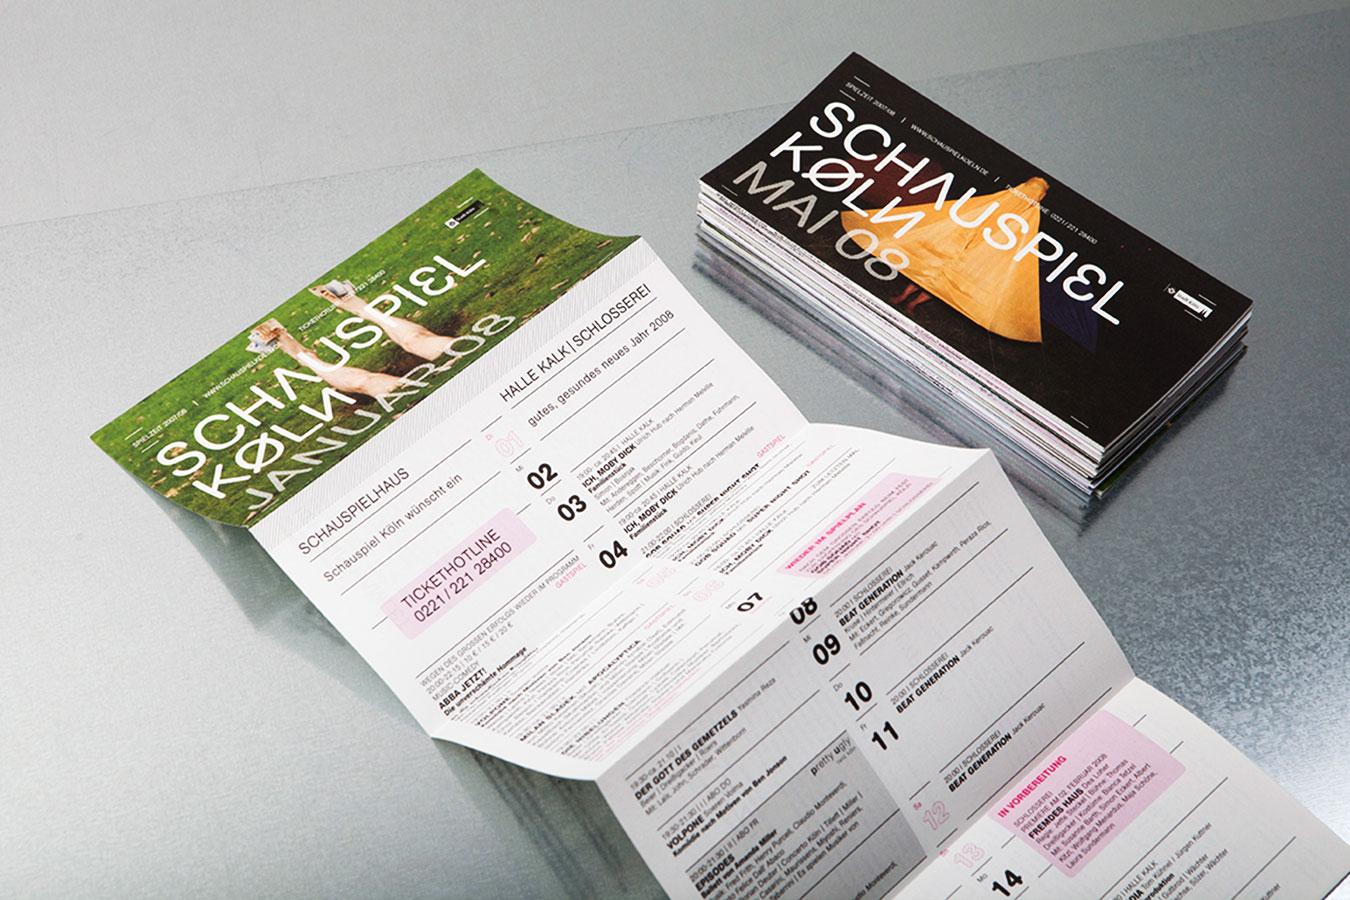 Schauspiel Köln Programm 2007/08